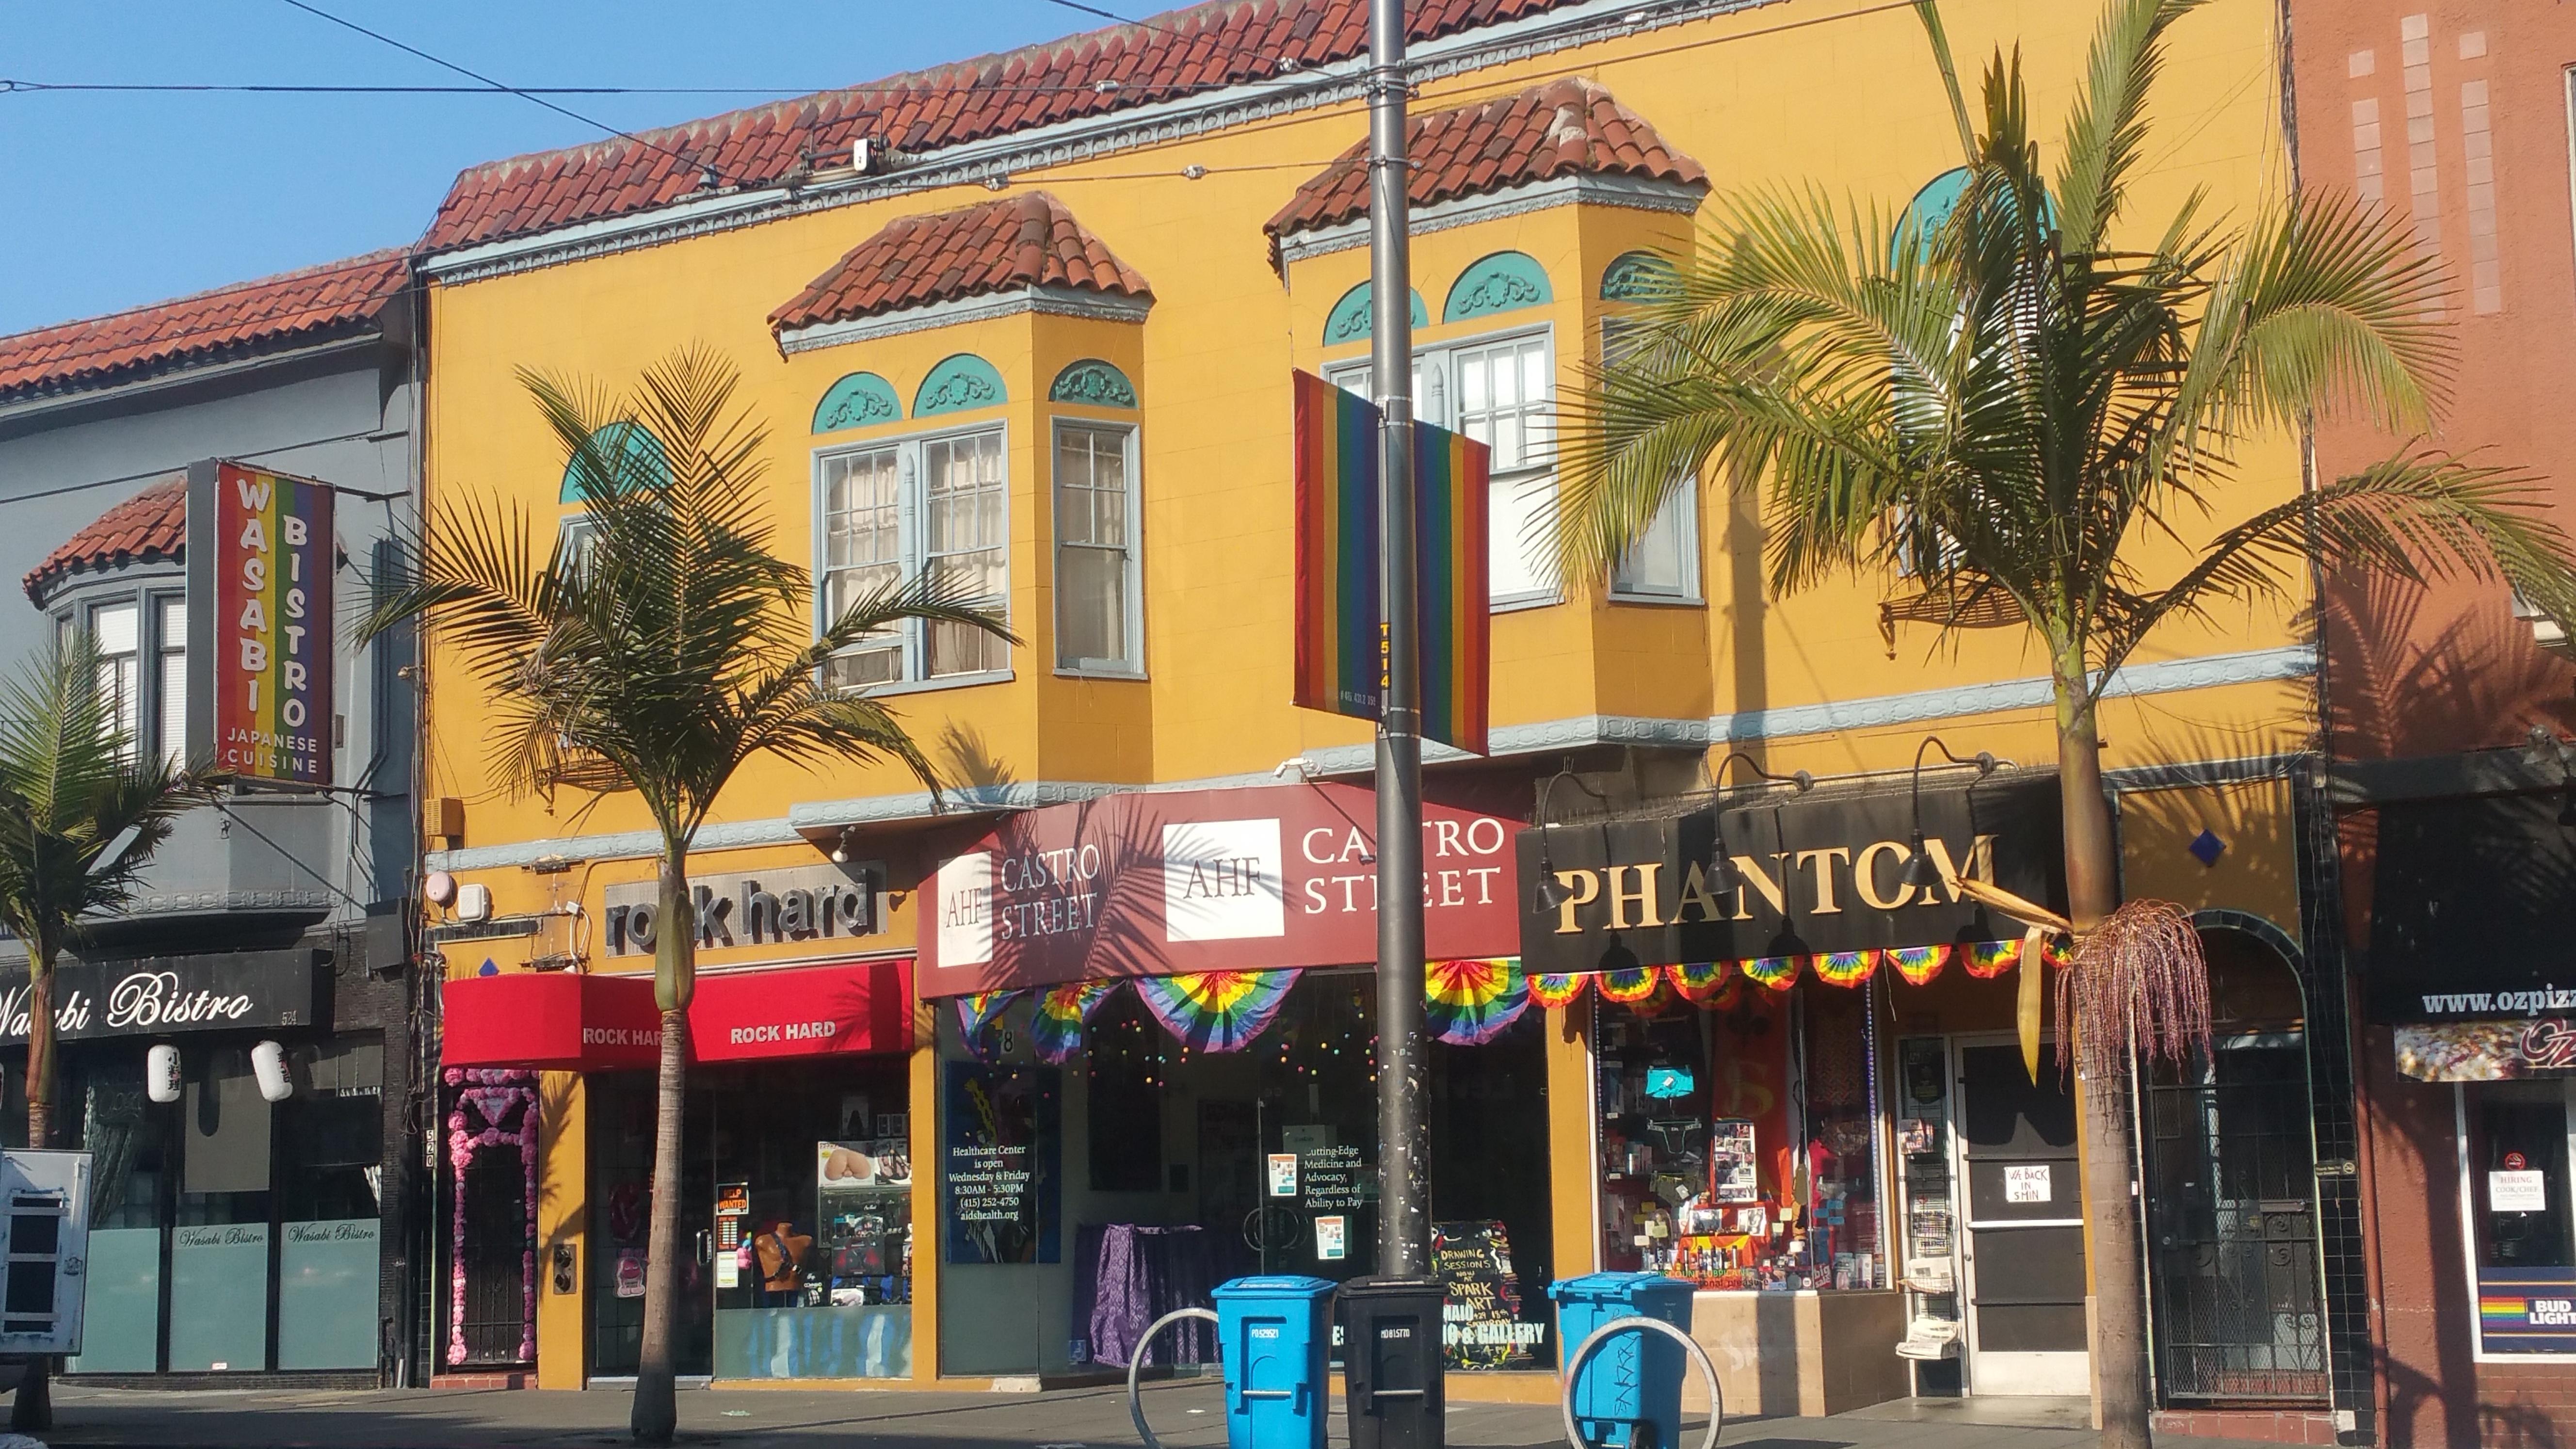 BARRIO CASTRO SAN FRANCISCO CALIFORNIA